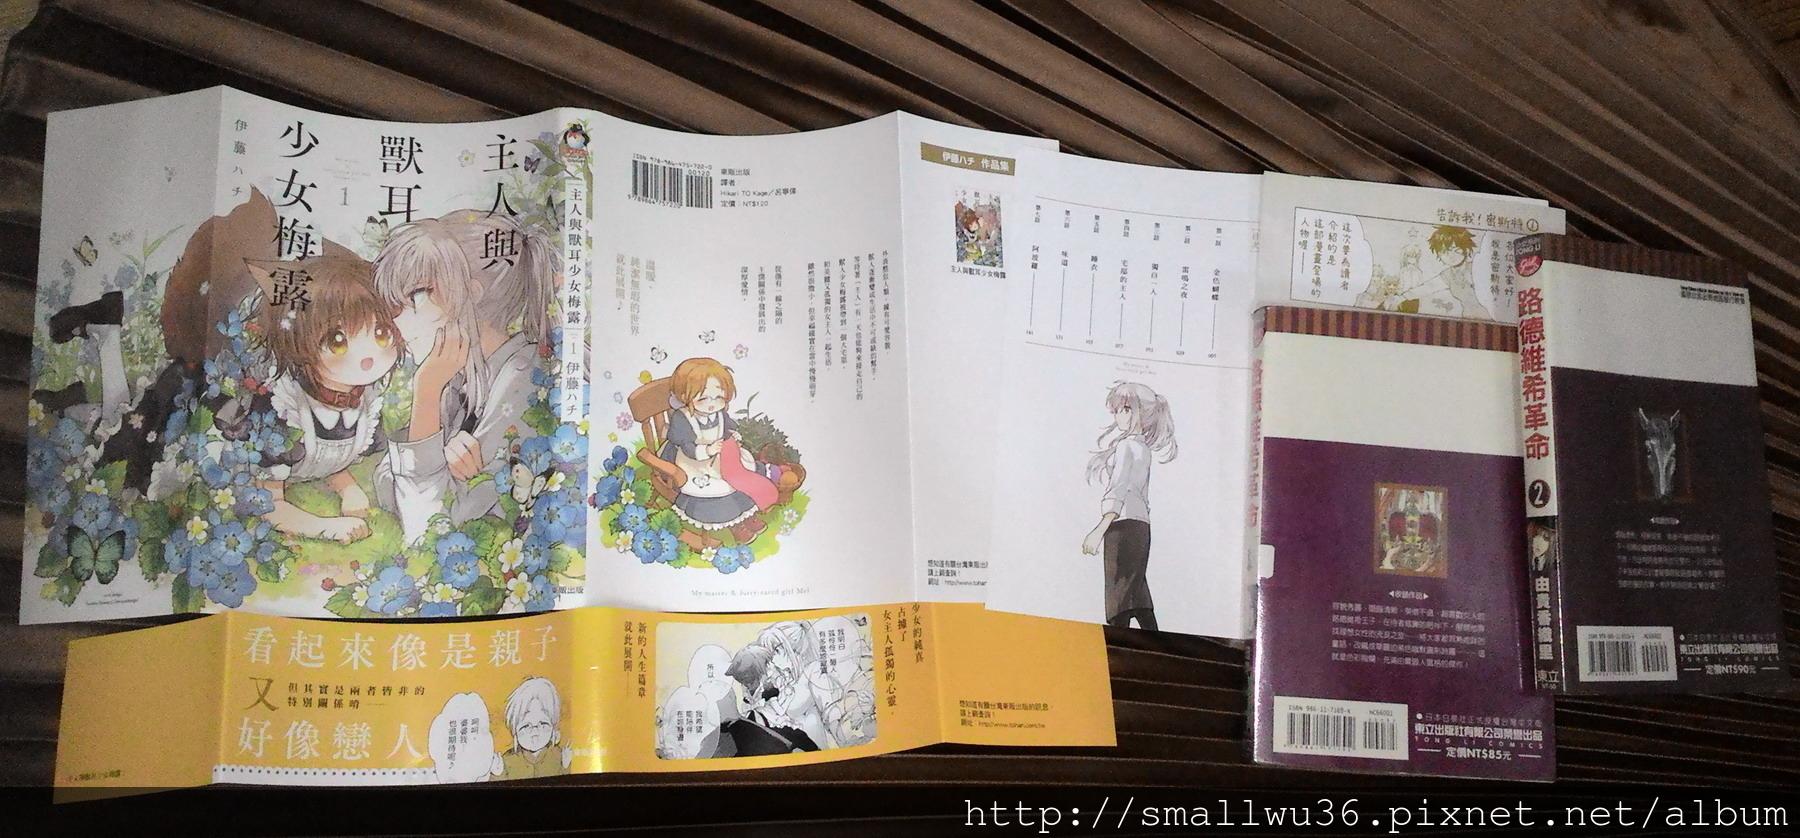 伊藤HACHI-主人與獸耳少女梅露1.jpg